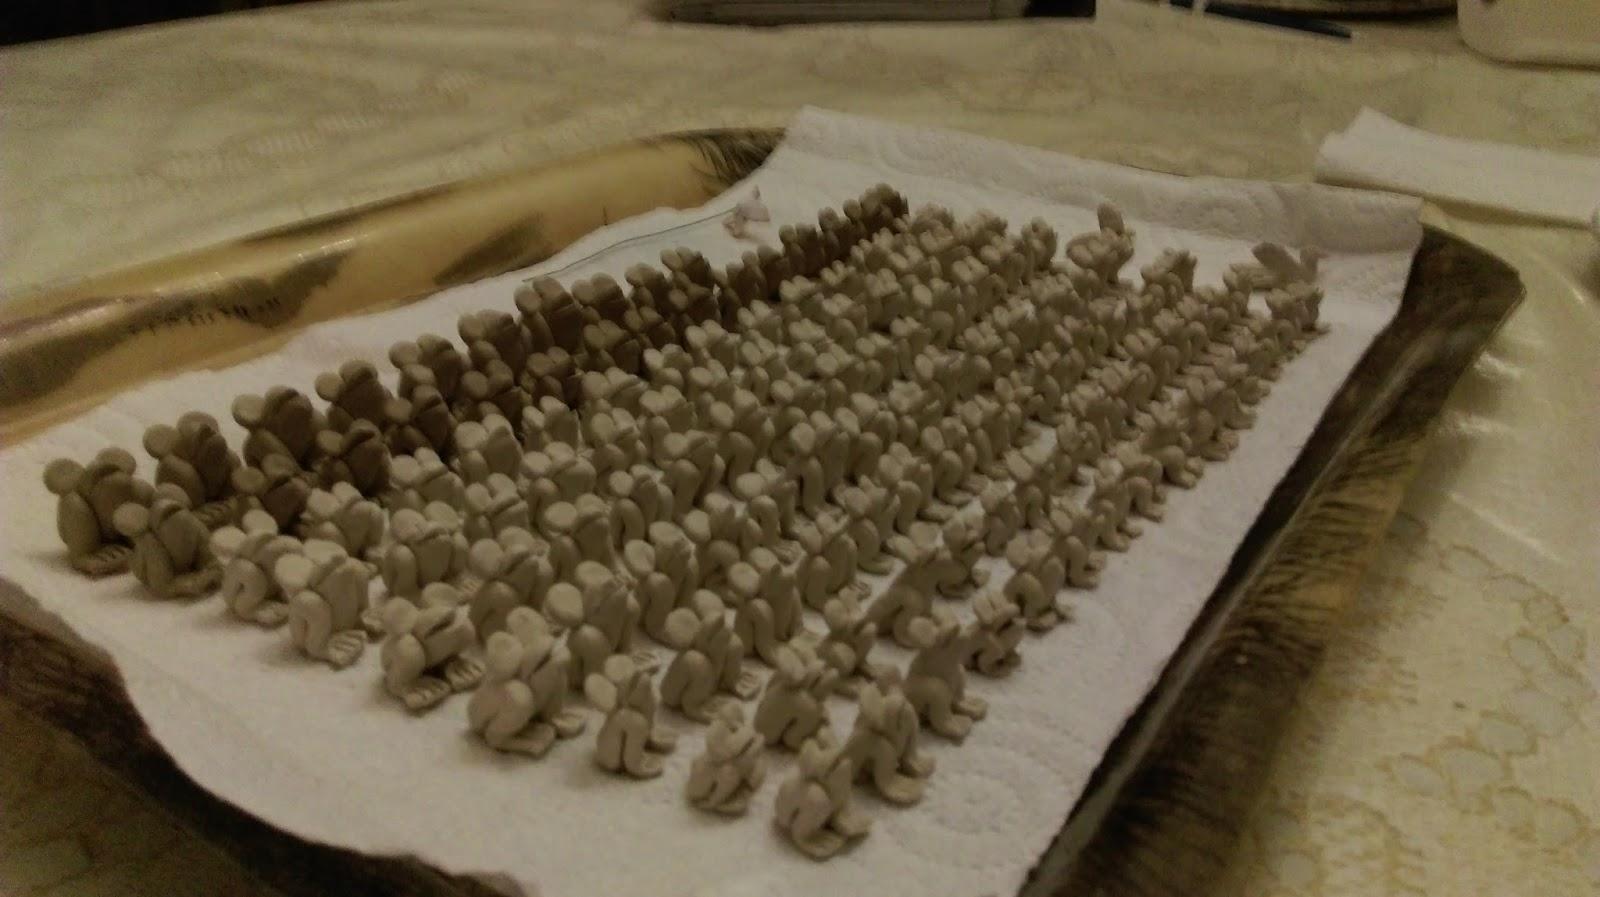 La cr che par maxime codou fabrication des grenouilles - Fabrication de maison pour creche de noel ...